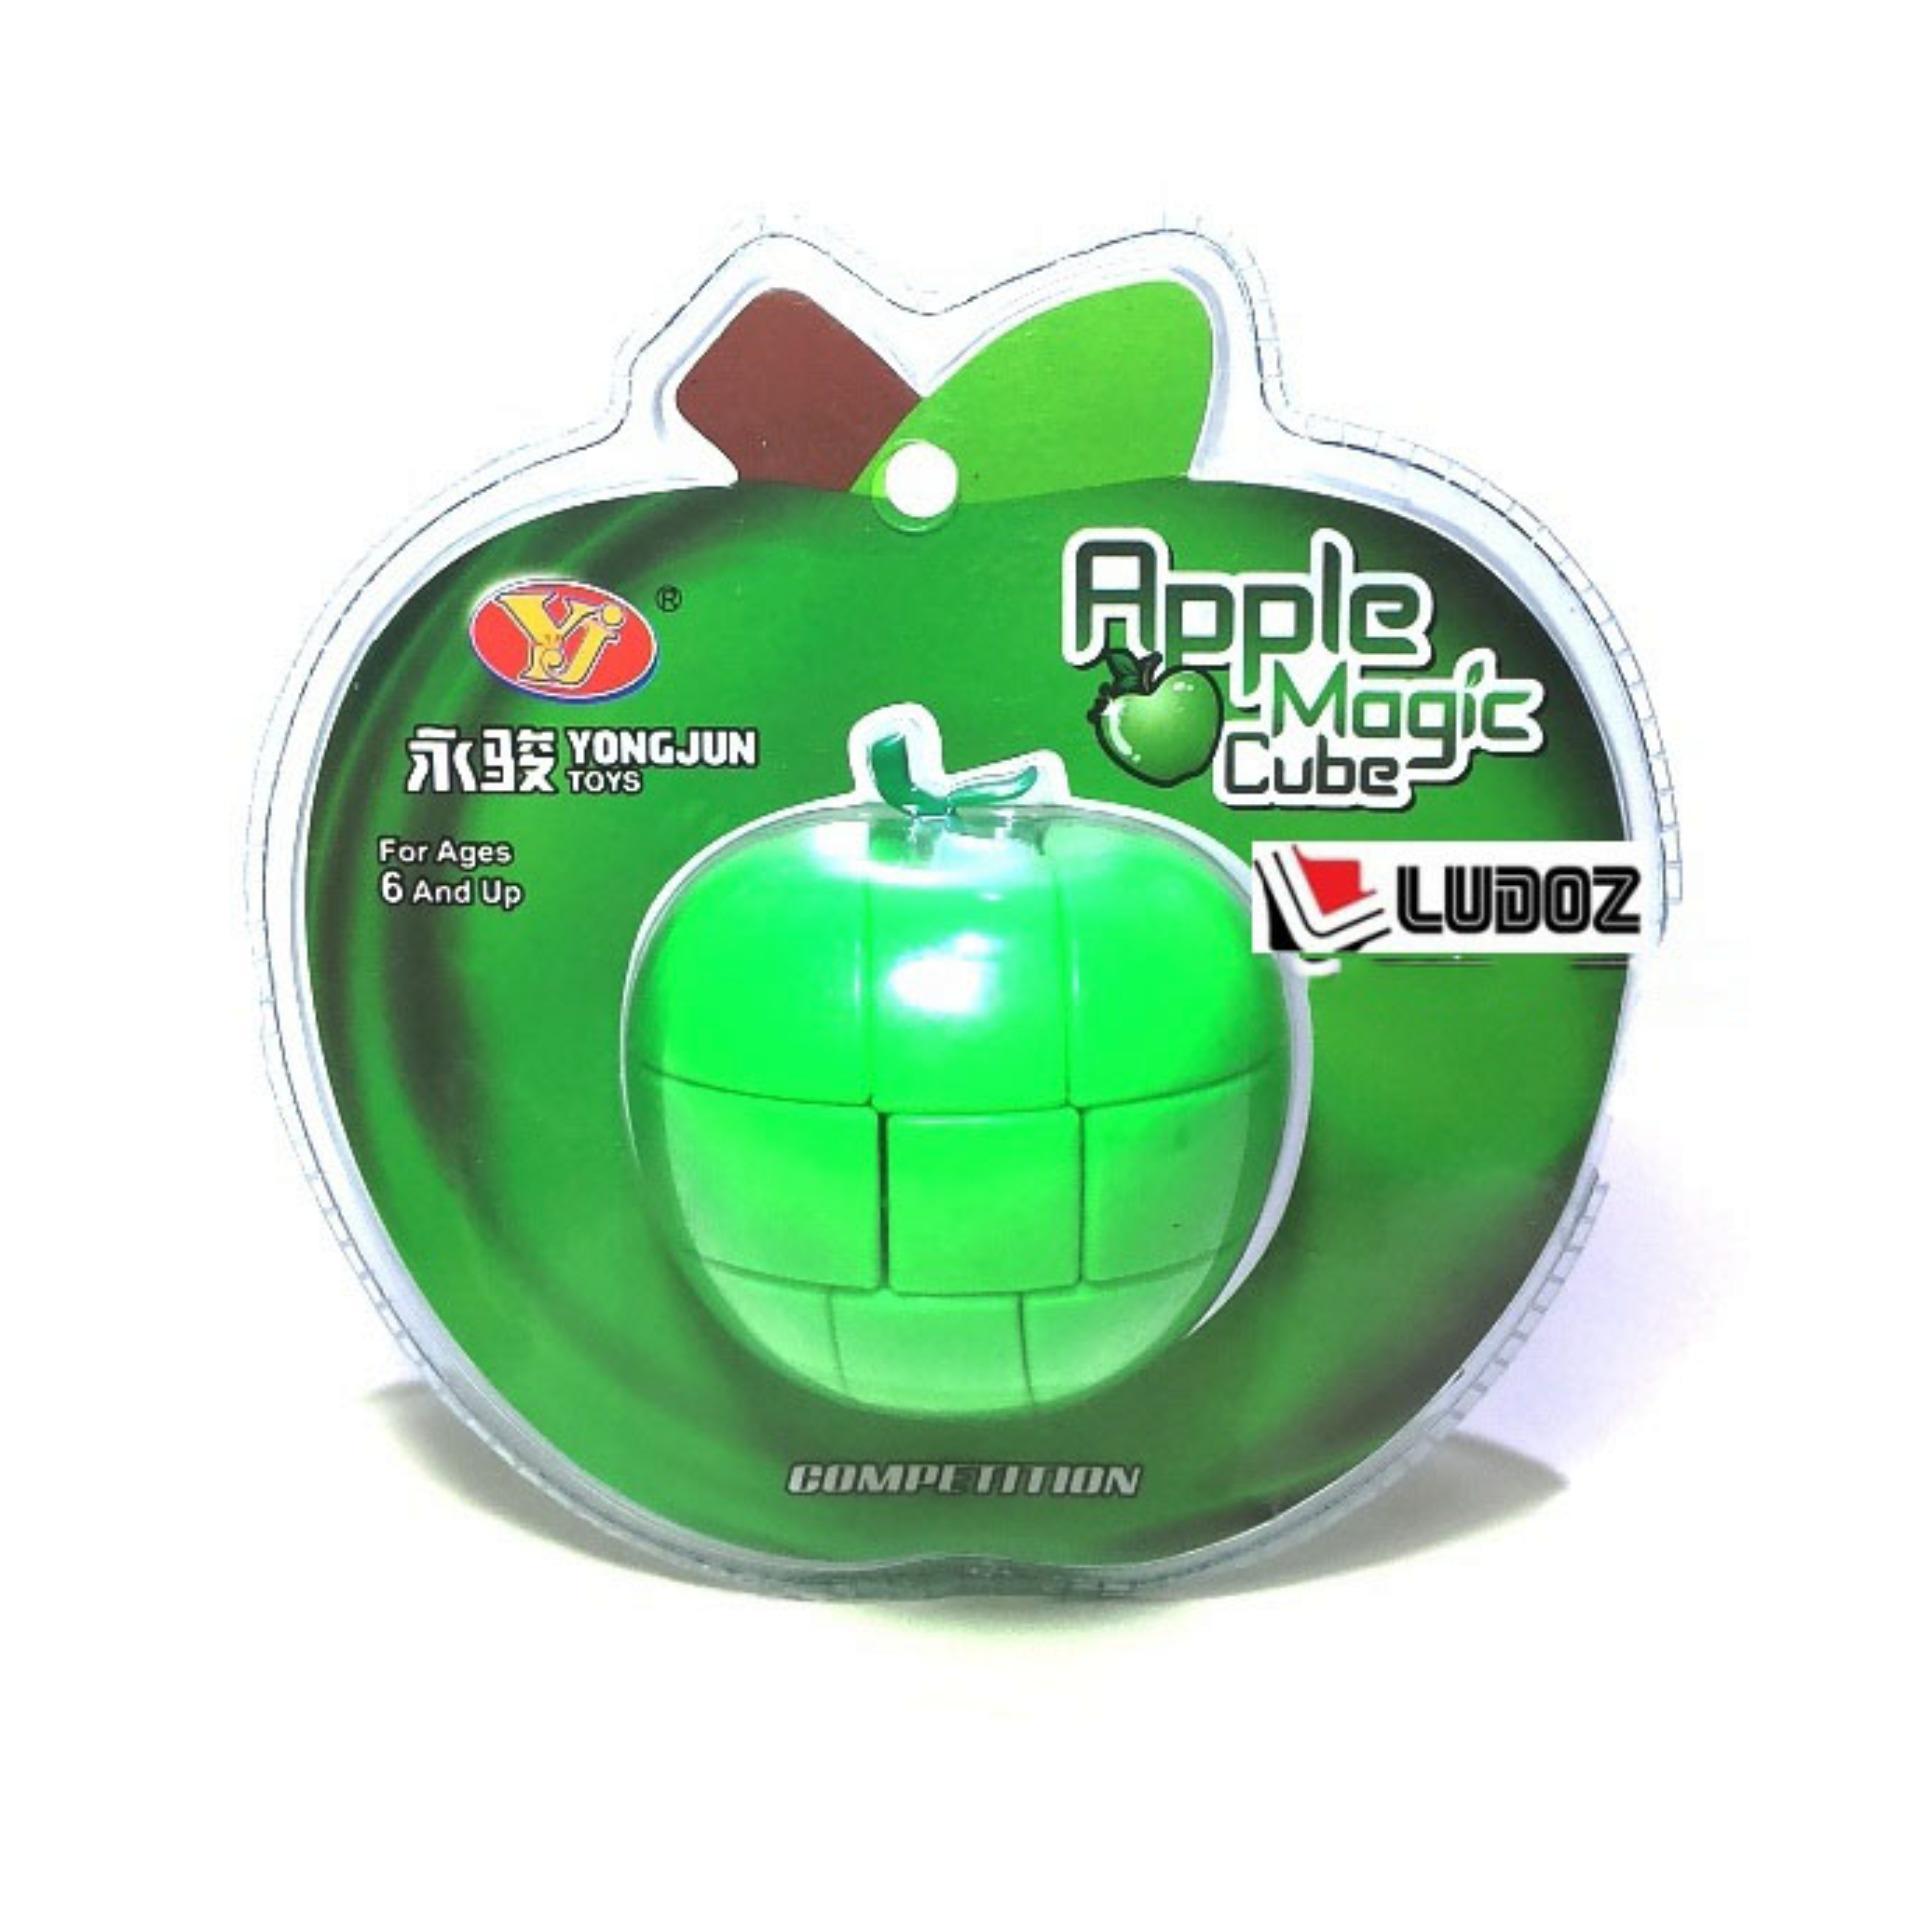 Jual Permainan Rubik Terbaik  3x3 Red Apple Ori Yong Jun Yj0226 Apel Magic Cubic Rubiks Box 3x3x3